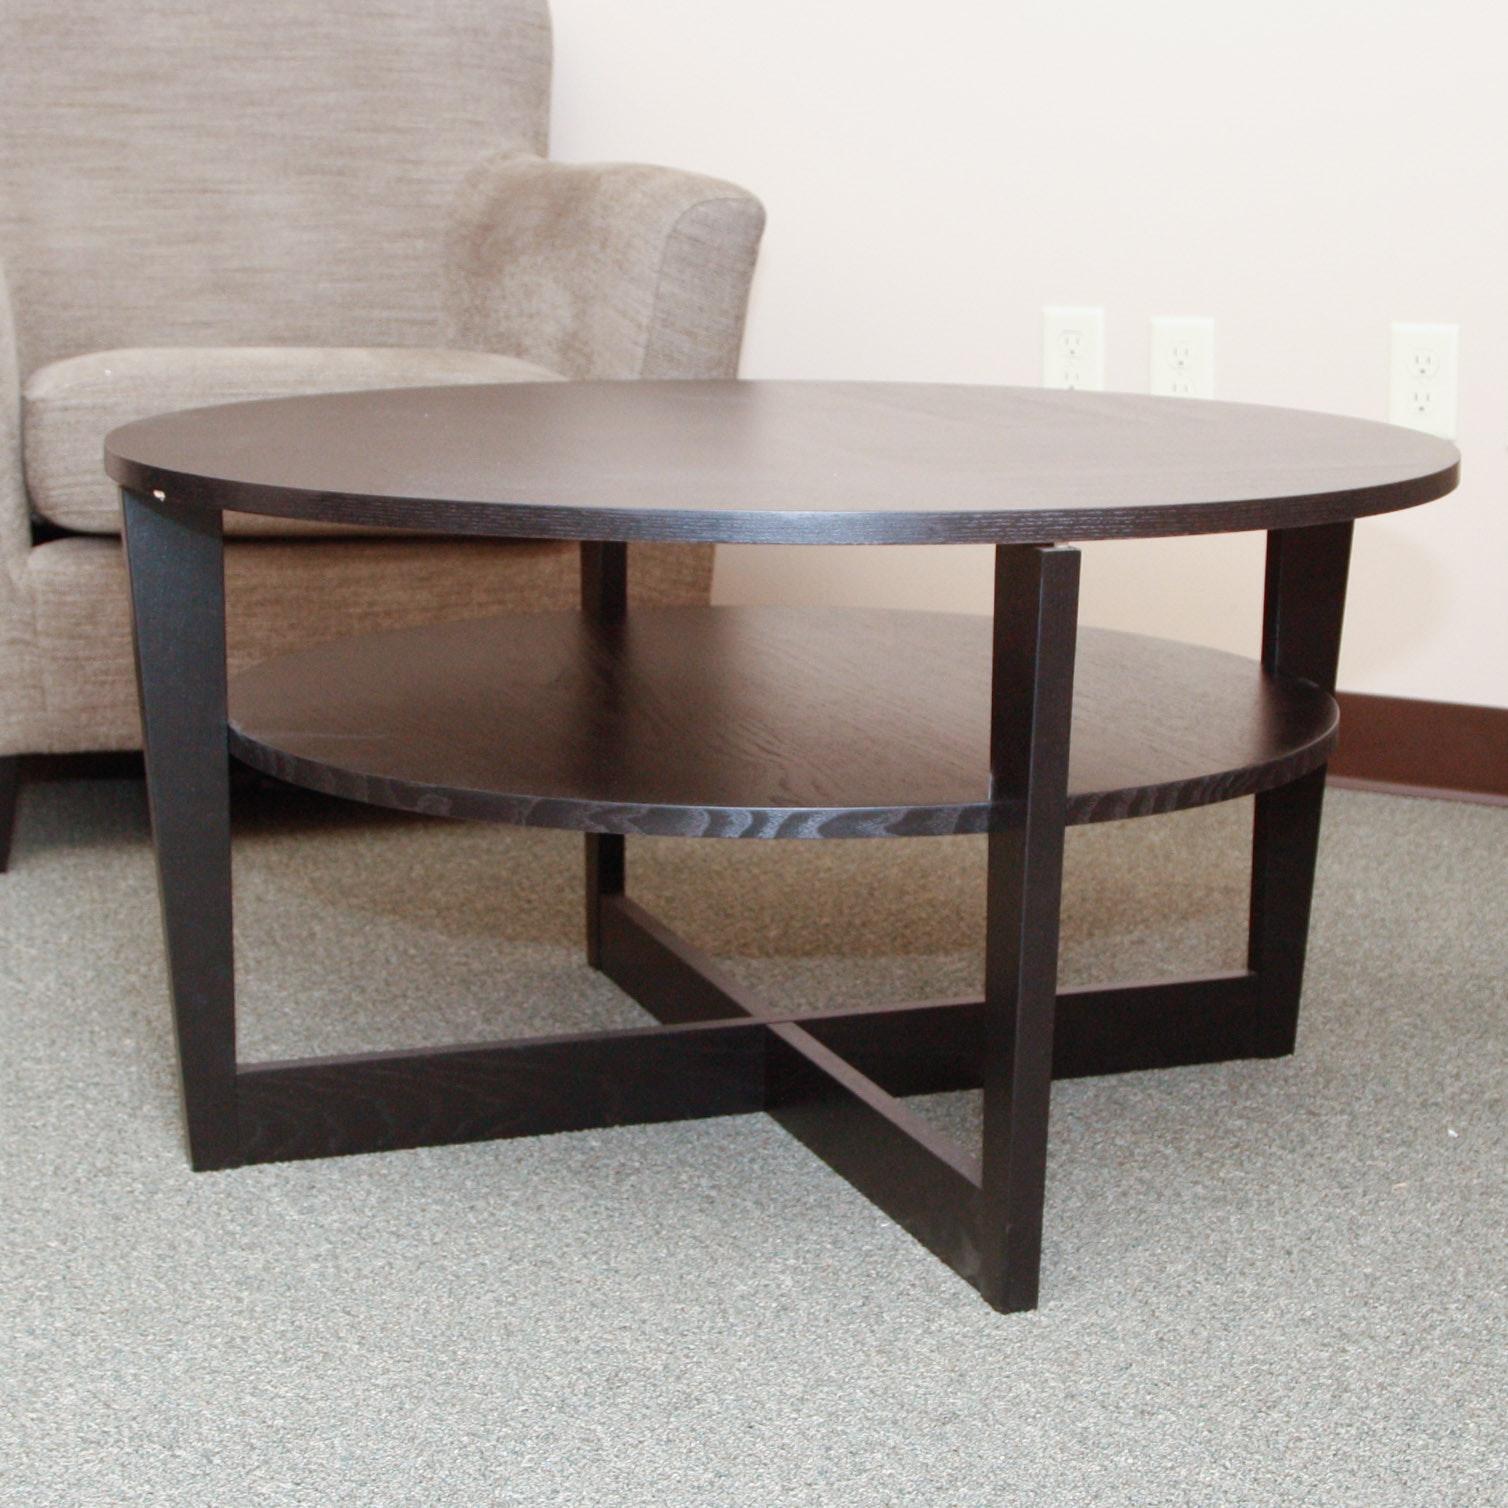 IKEA Vejmon Round Coffee Table With Shelf ...